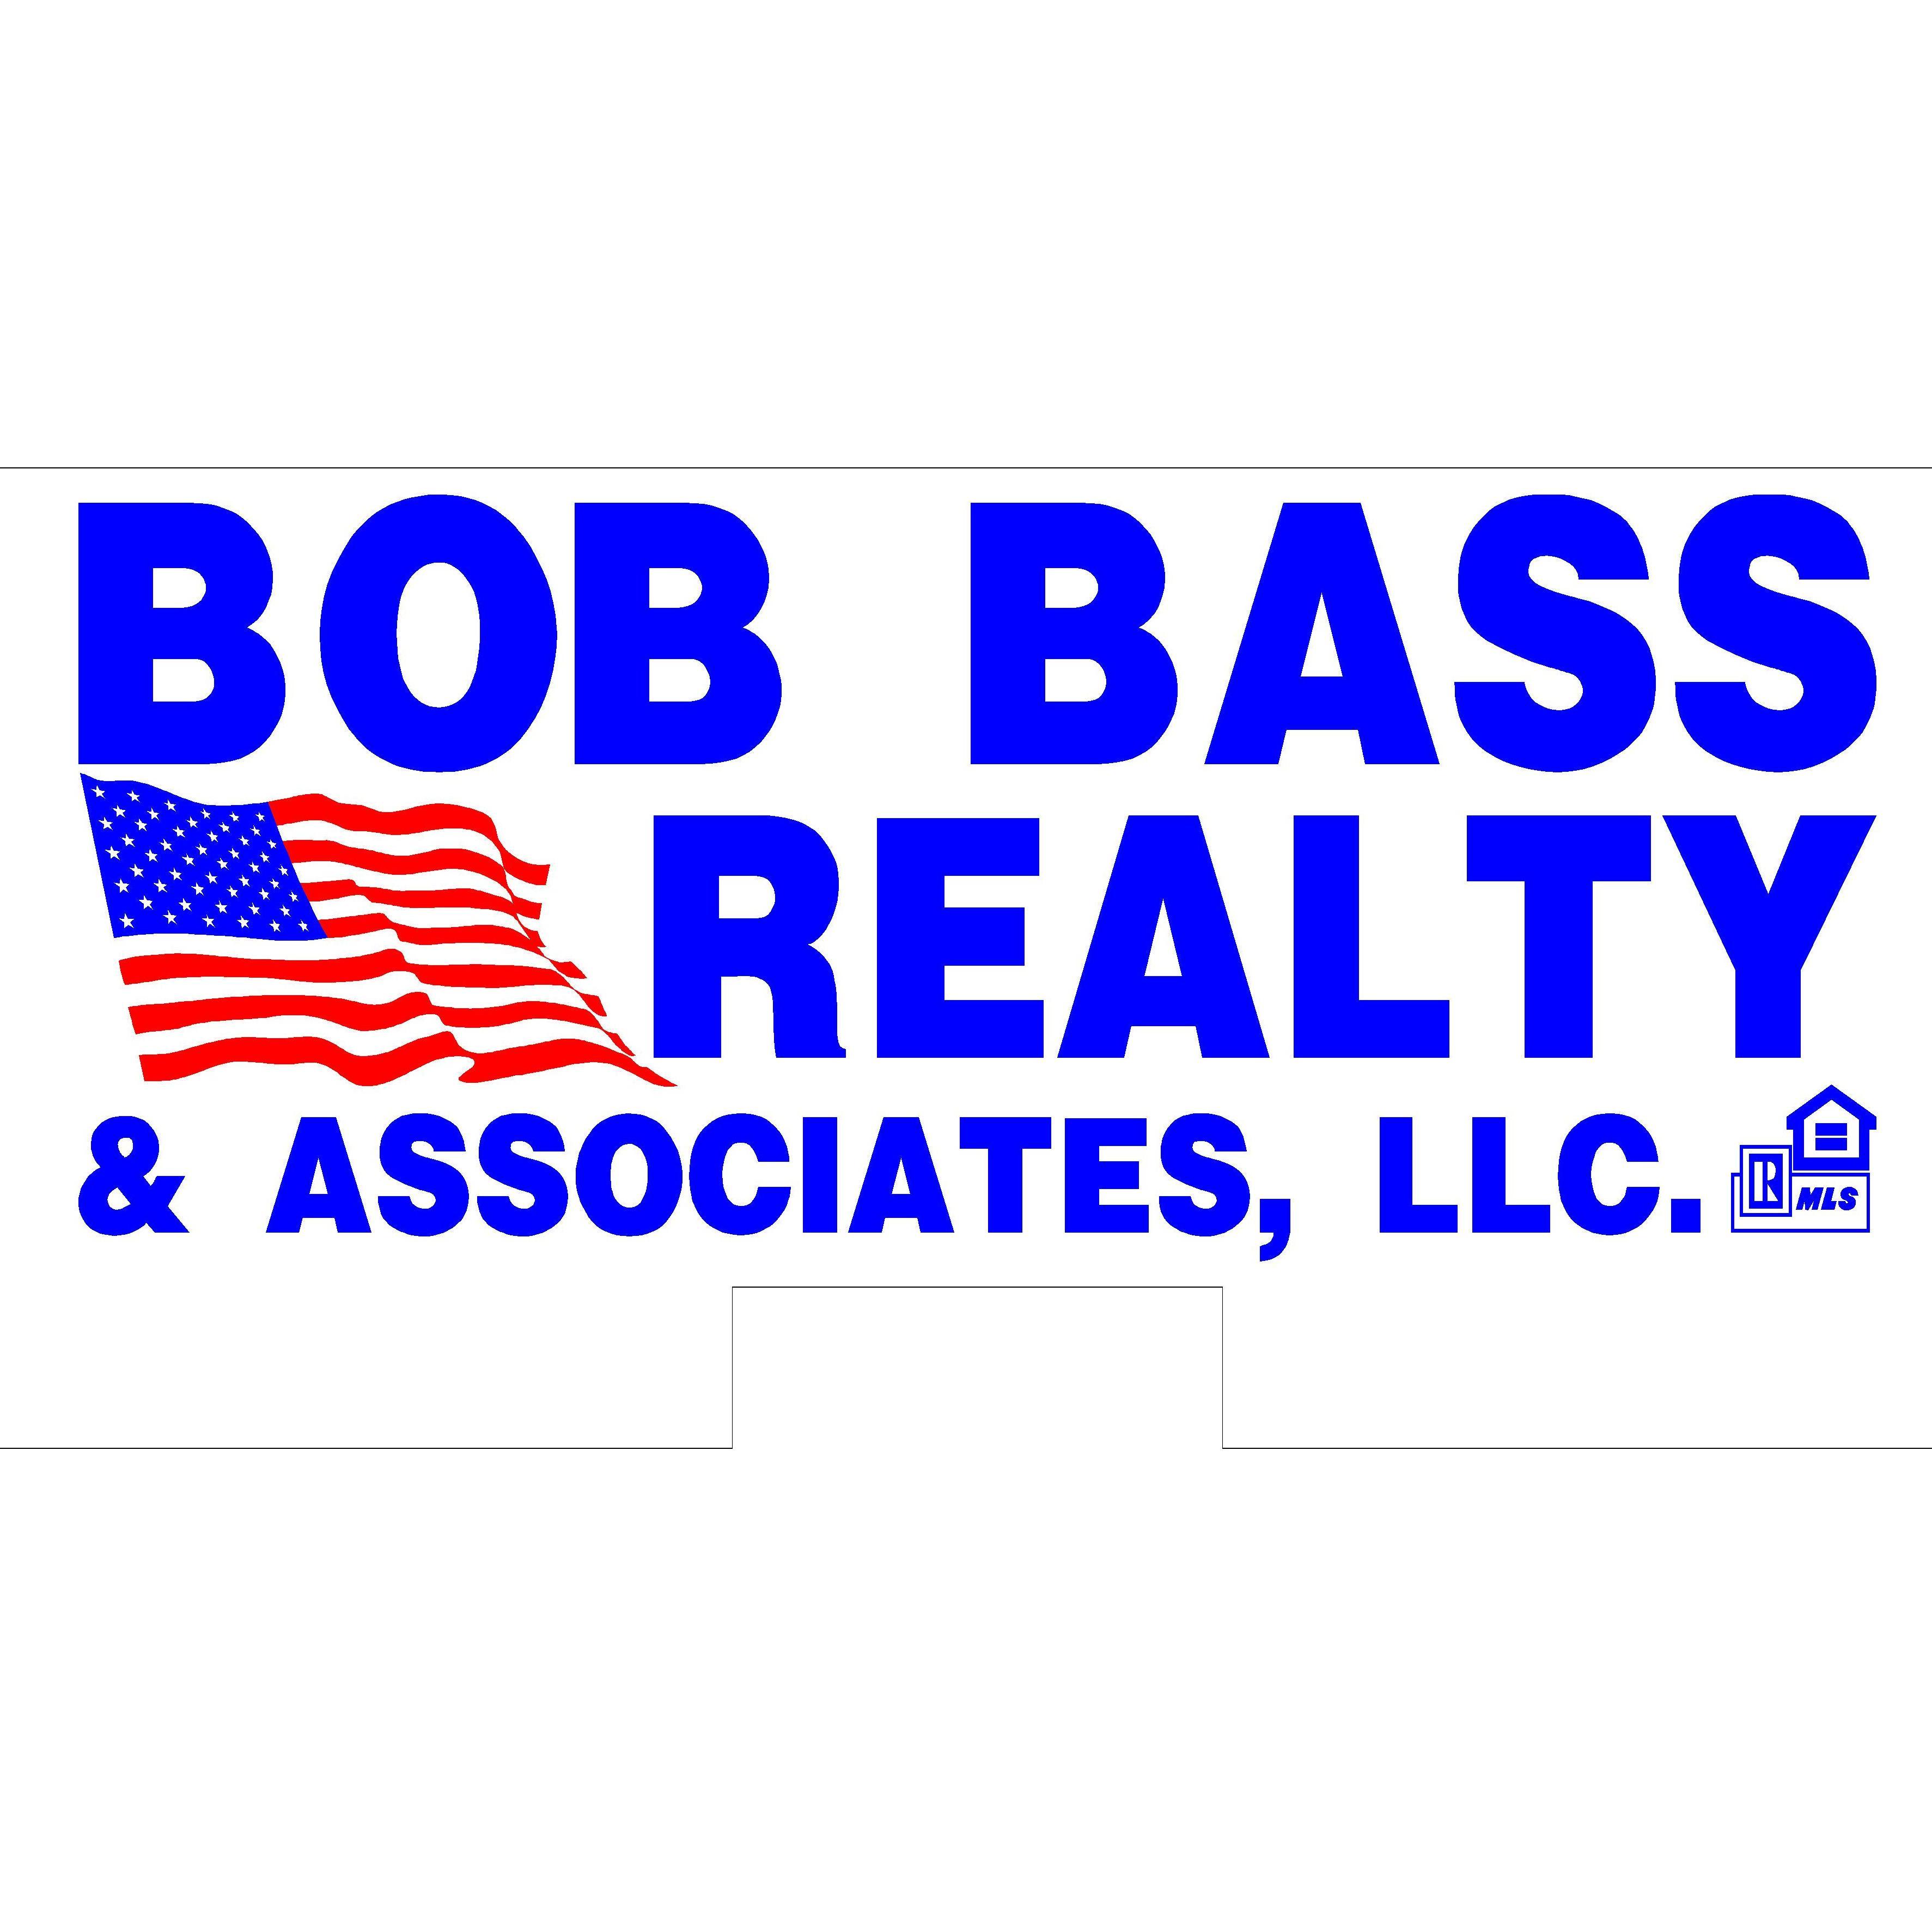 Bob Bass Realty & Associates, LLC